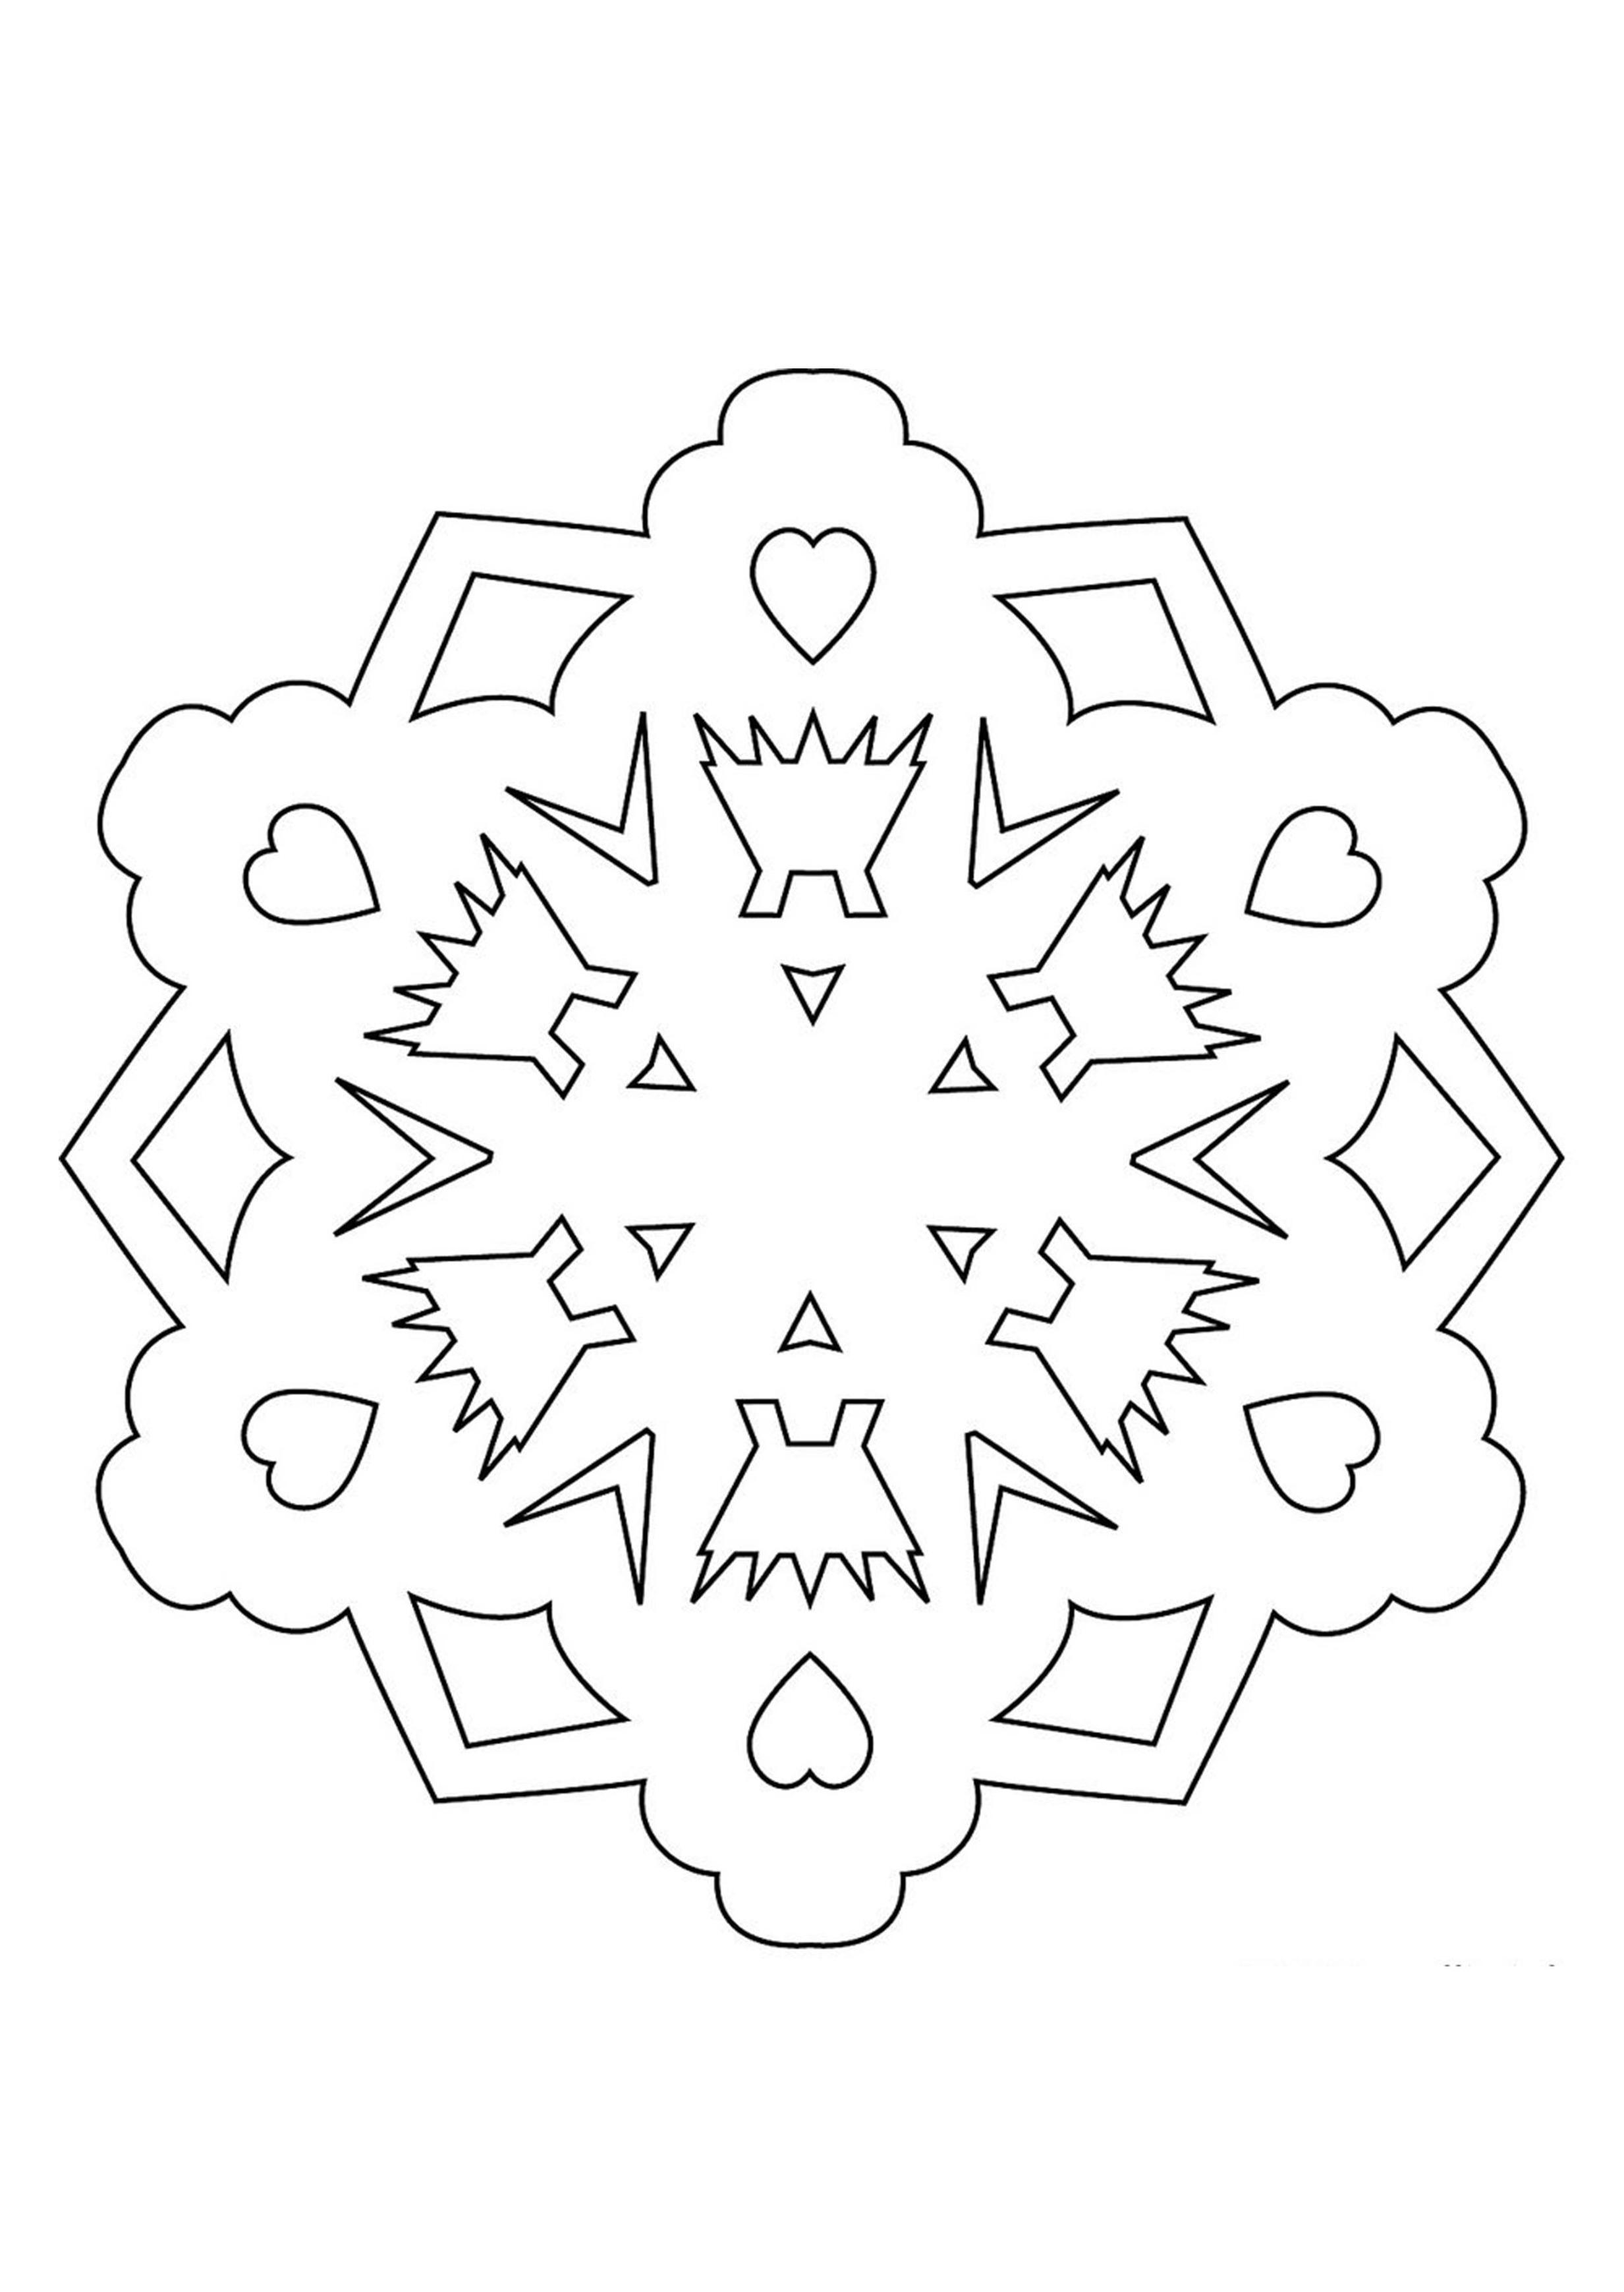 Новогодняя картинка для распечатки на окна снежинки